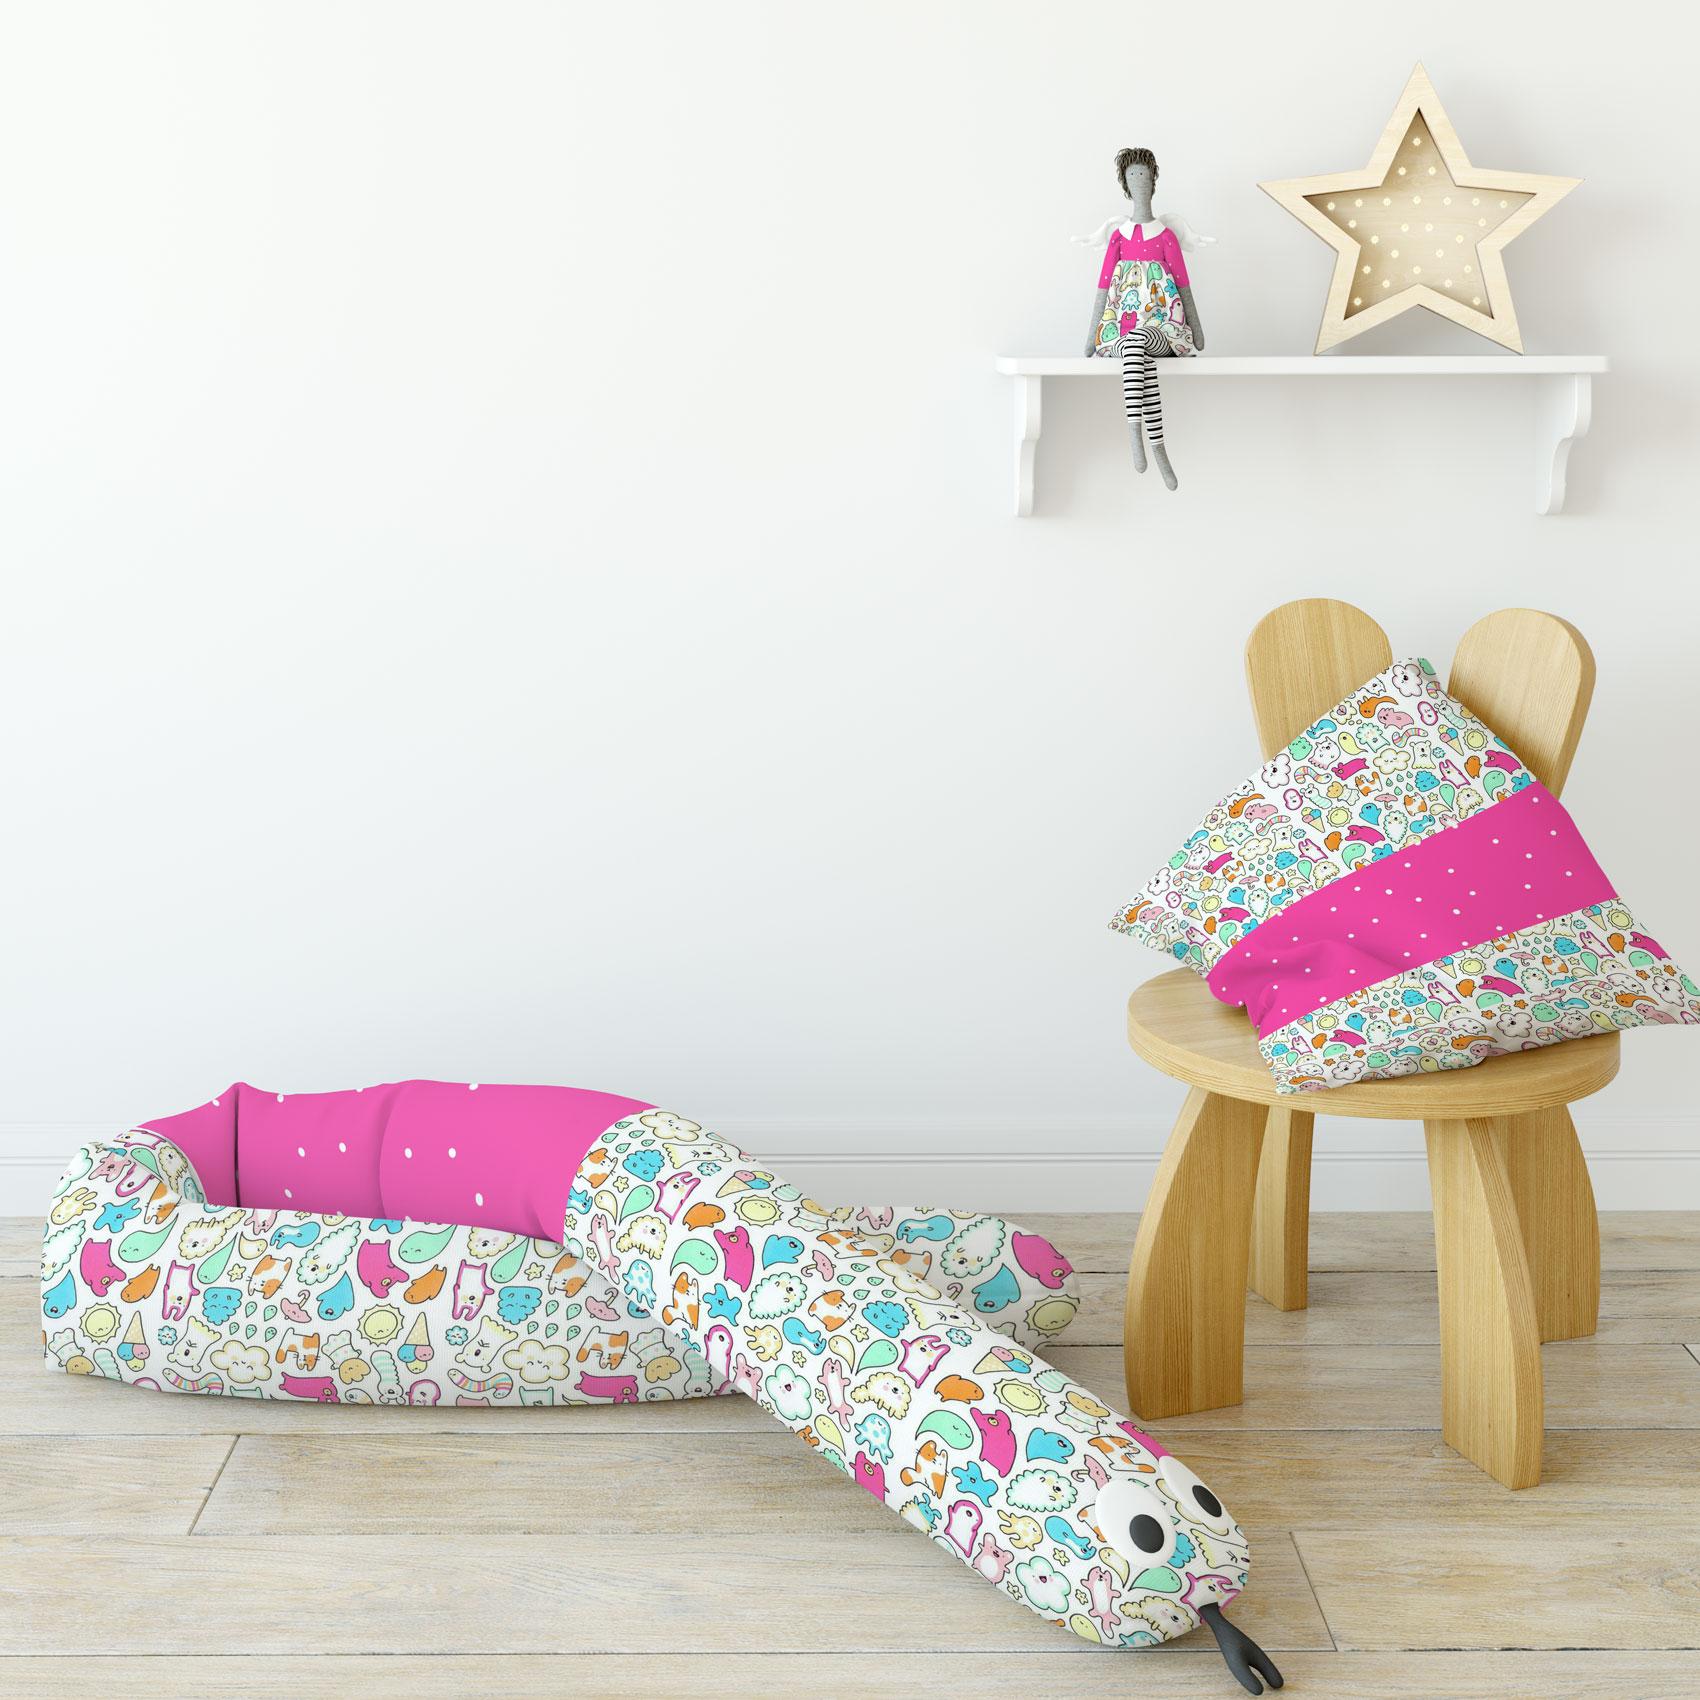 دانلود موکاپ دکوراسیون اتاق کودک همراه با ویگام و کوسن(عروسک ویلدا, عروسک مار, جعبه پارچه ای)